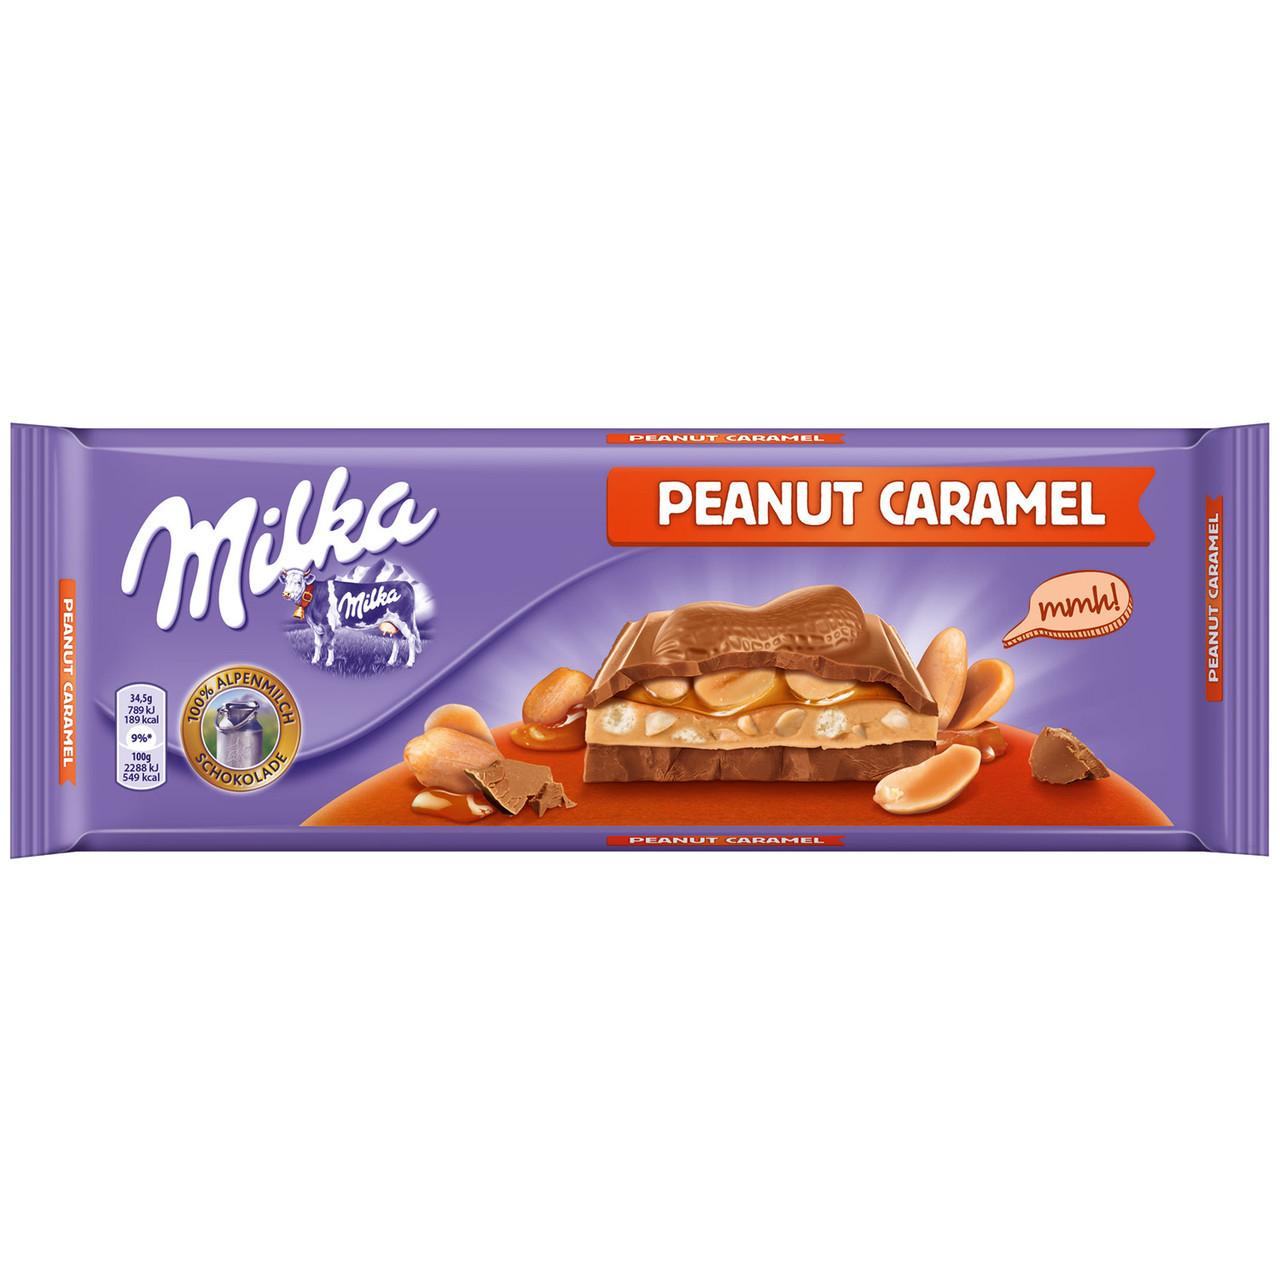 Шоколад Milka Peanut Caramel 300гр. Австрія